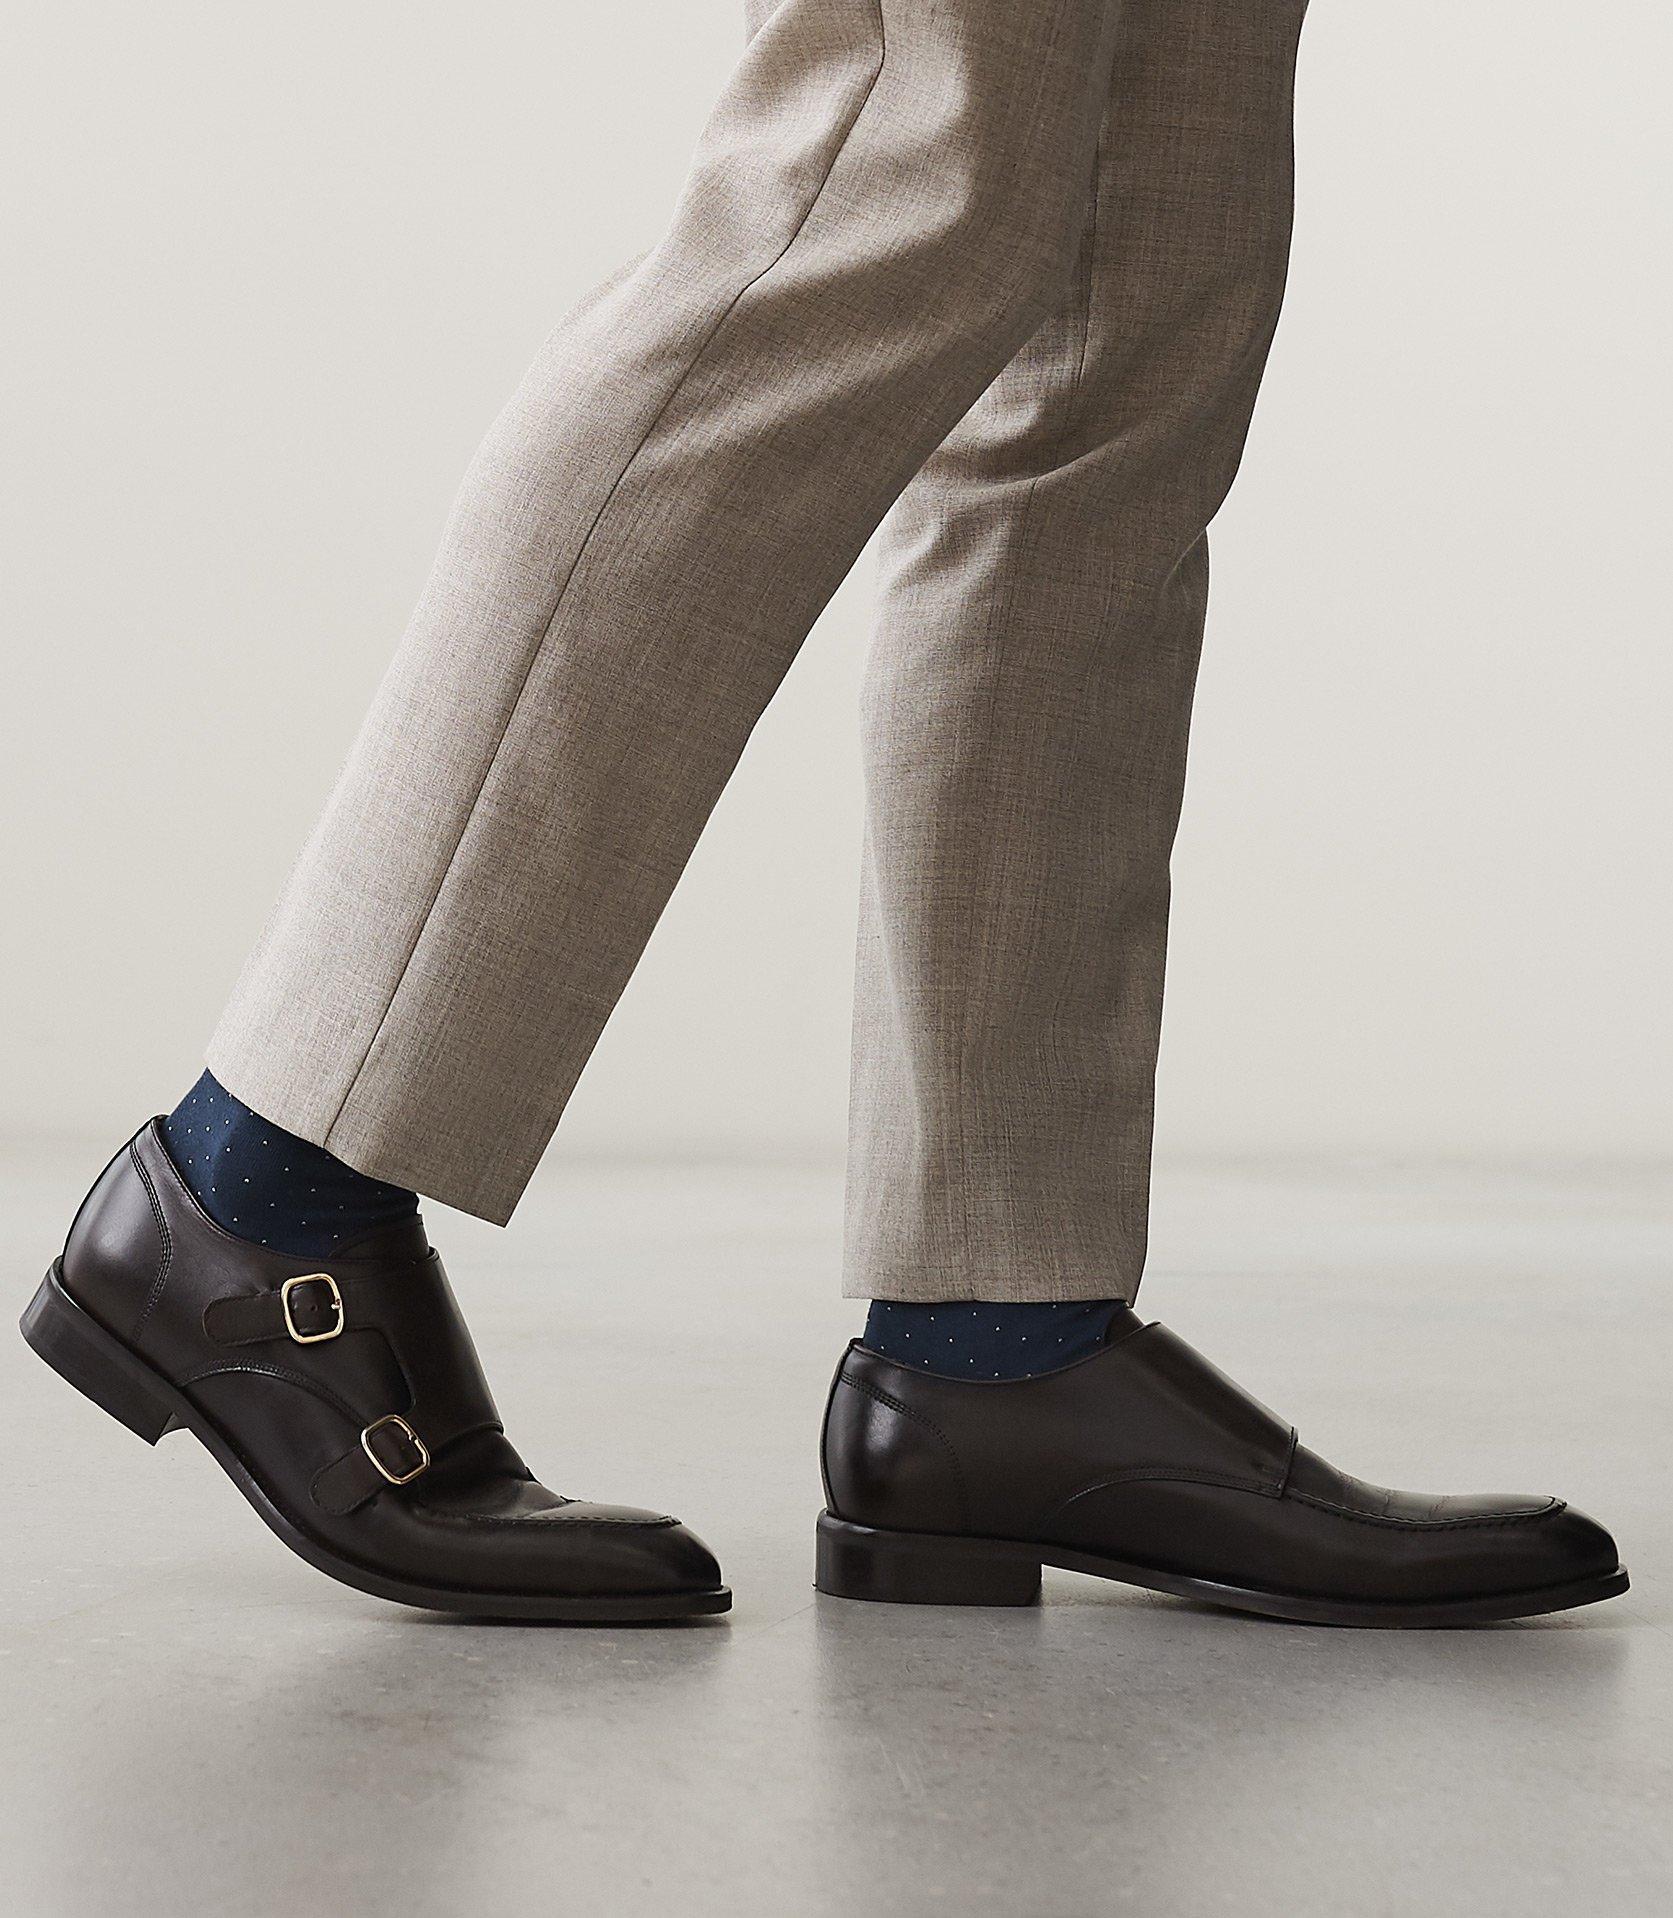 95d27d18410e Reiss - Brown Rilmont - Double Monk Strap Shoes for Men - Lyst. View  fullscreen